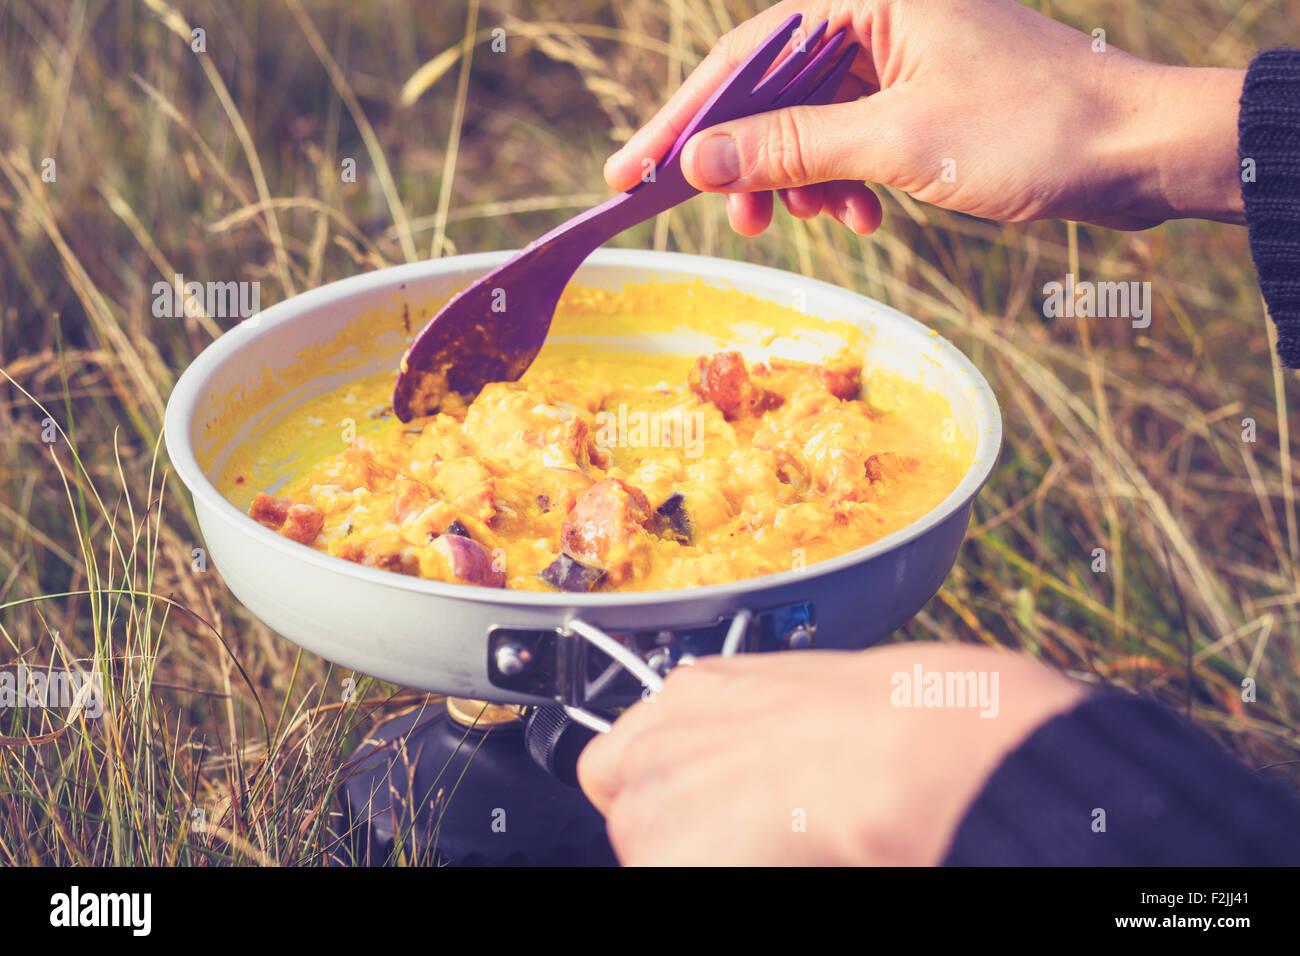 Le mani della donna per la cottura delle uova al di fuori sul fornello da campeggio Immagini Stock